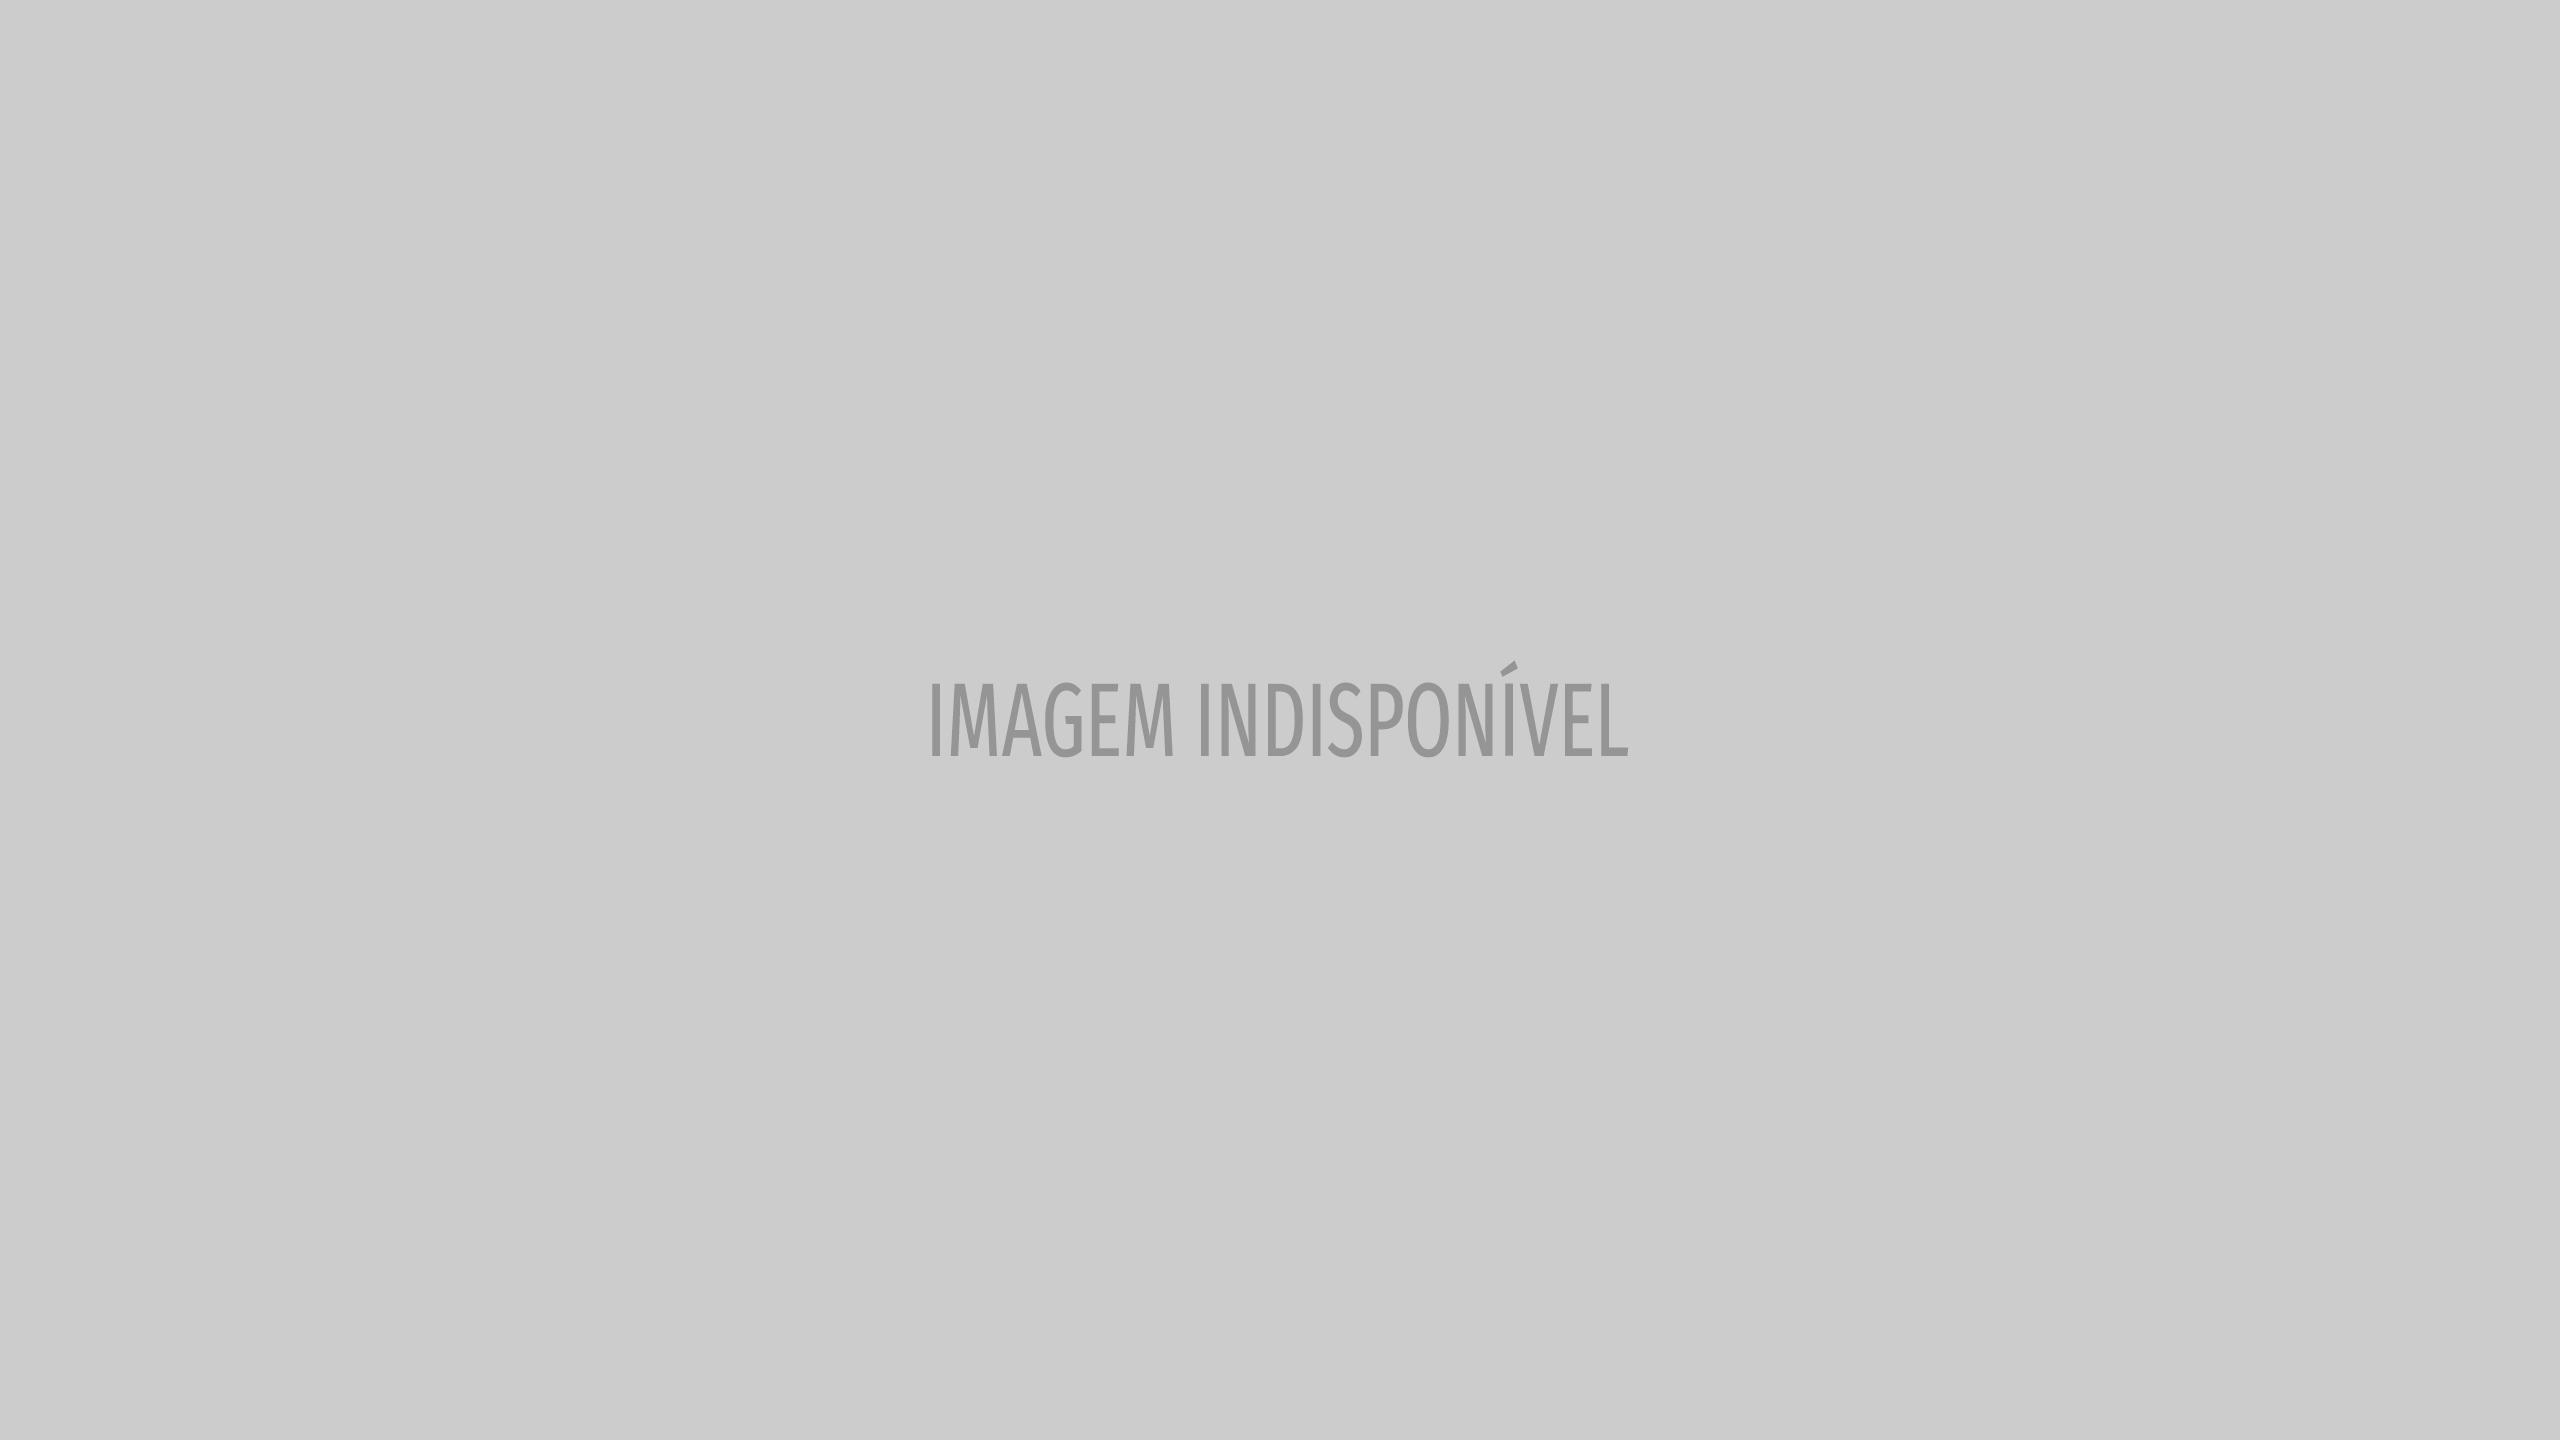 Príncipe Alberto do Mónaco comemora aniversário com os filhos gémeos